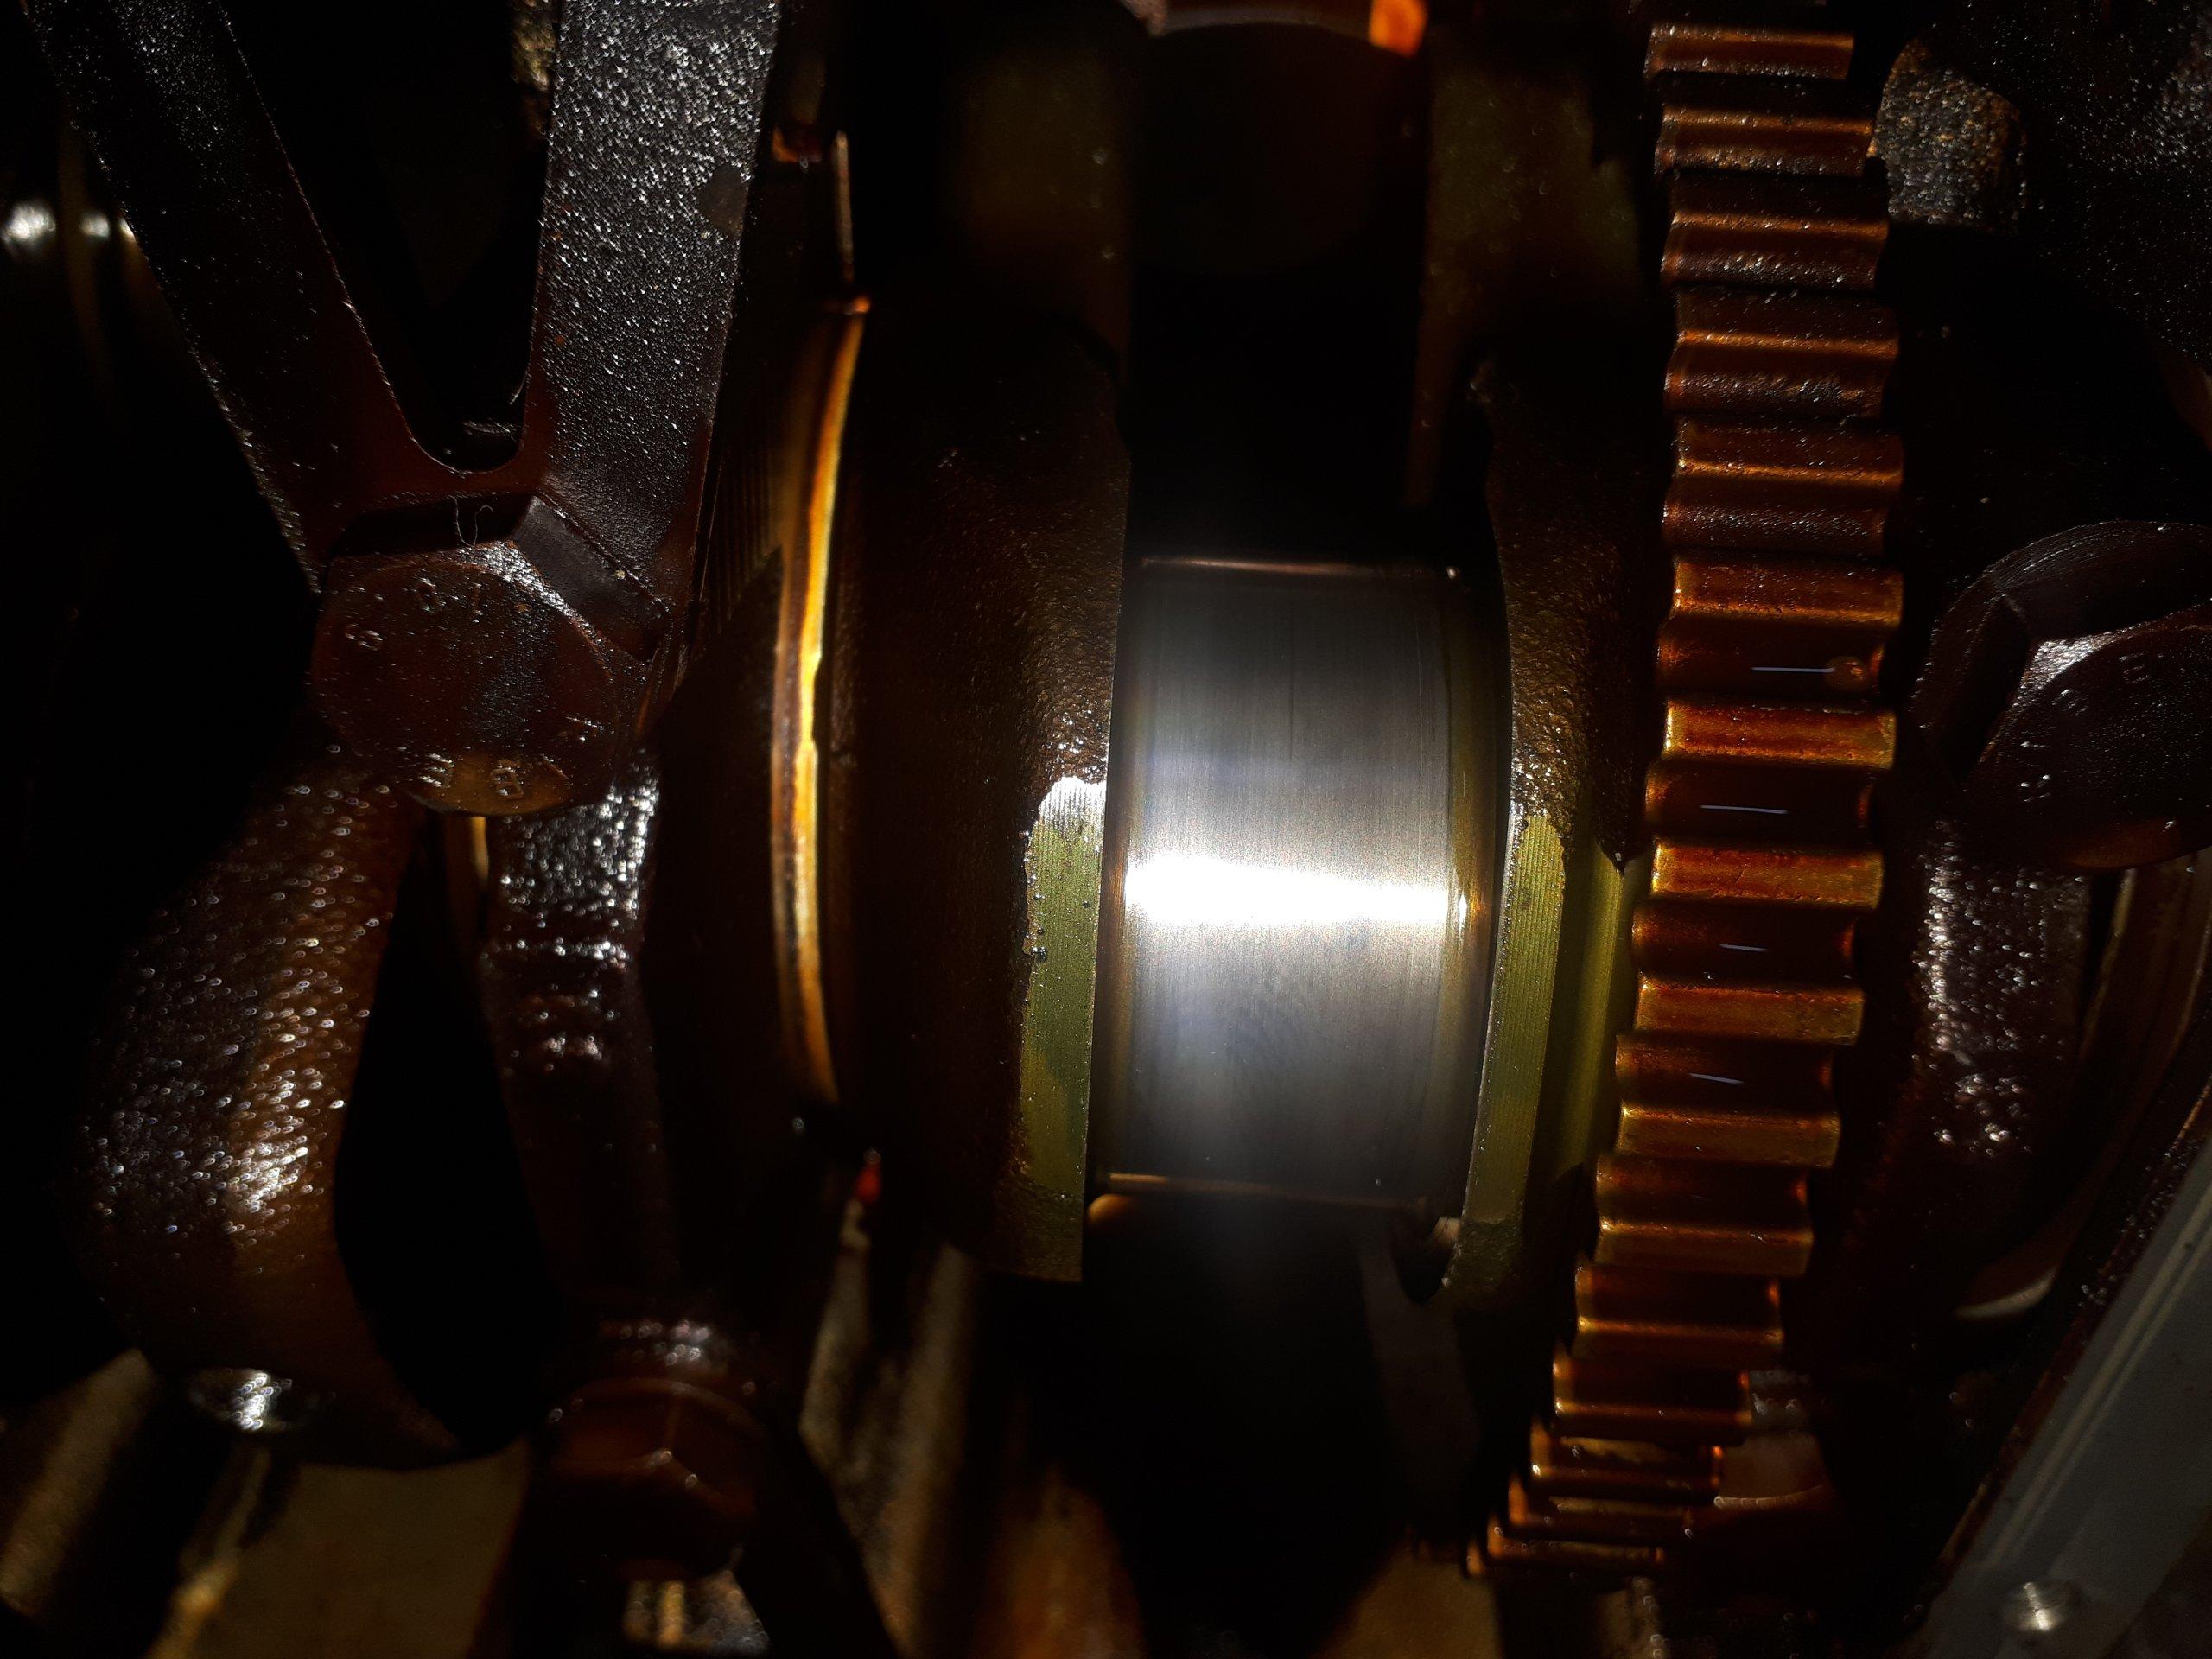 Silnik m50 m52 b30 stroker e36 e34 e39 e30 - 7241825281